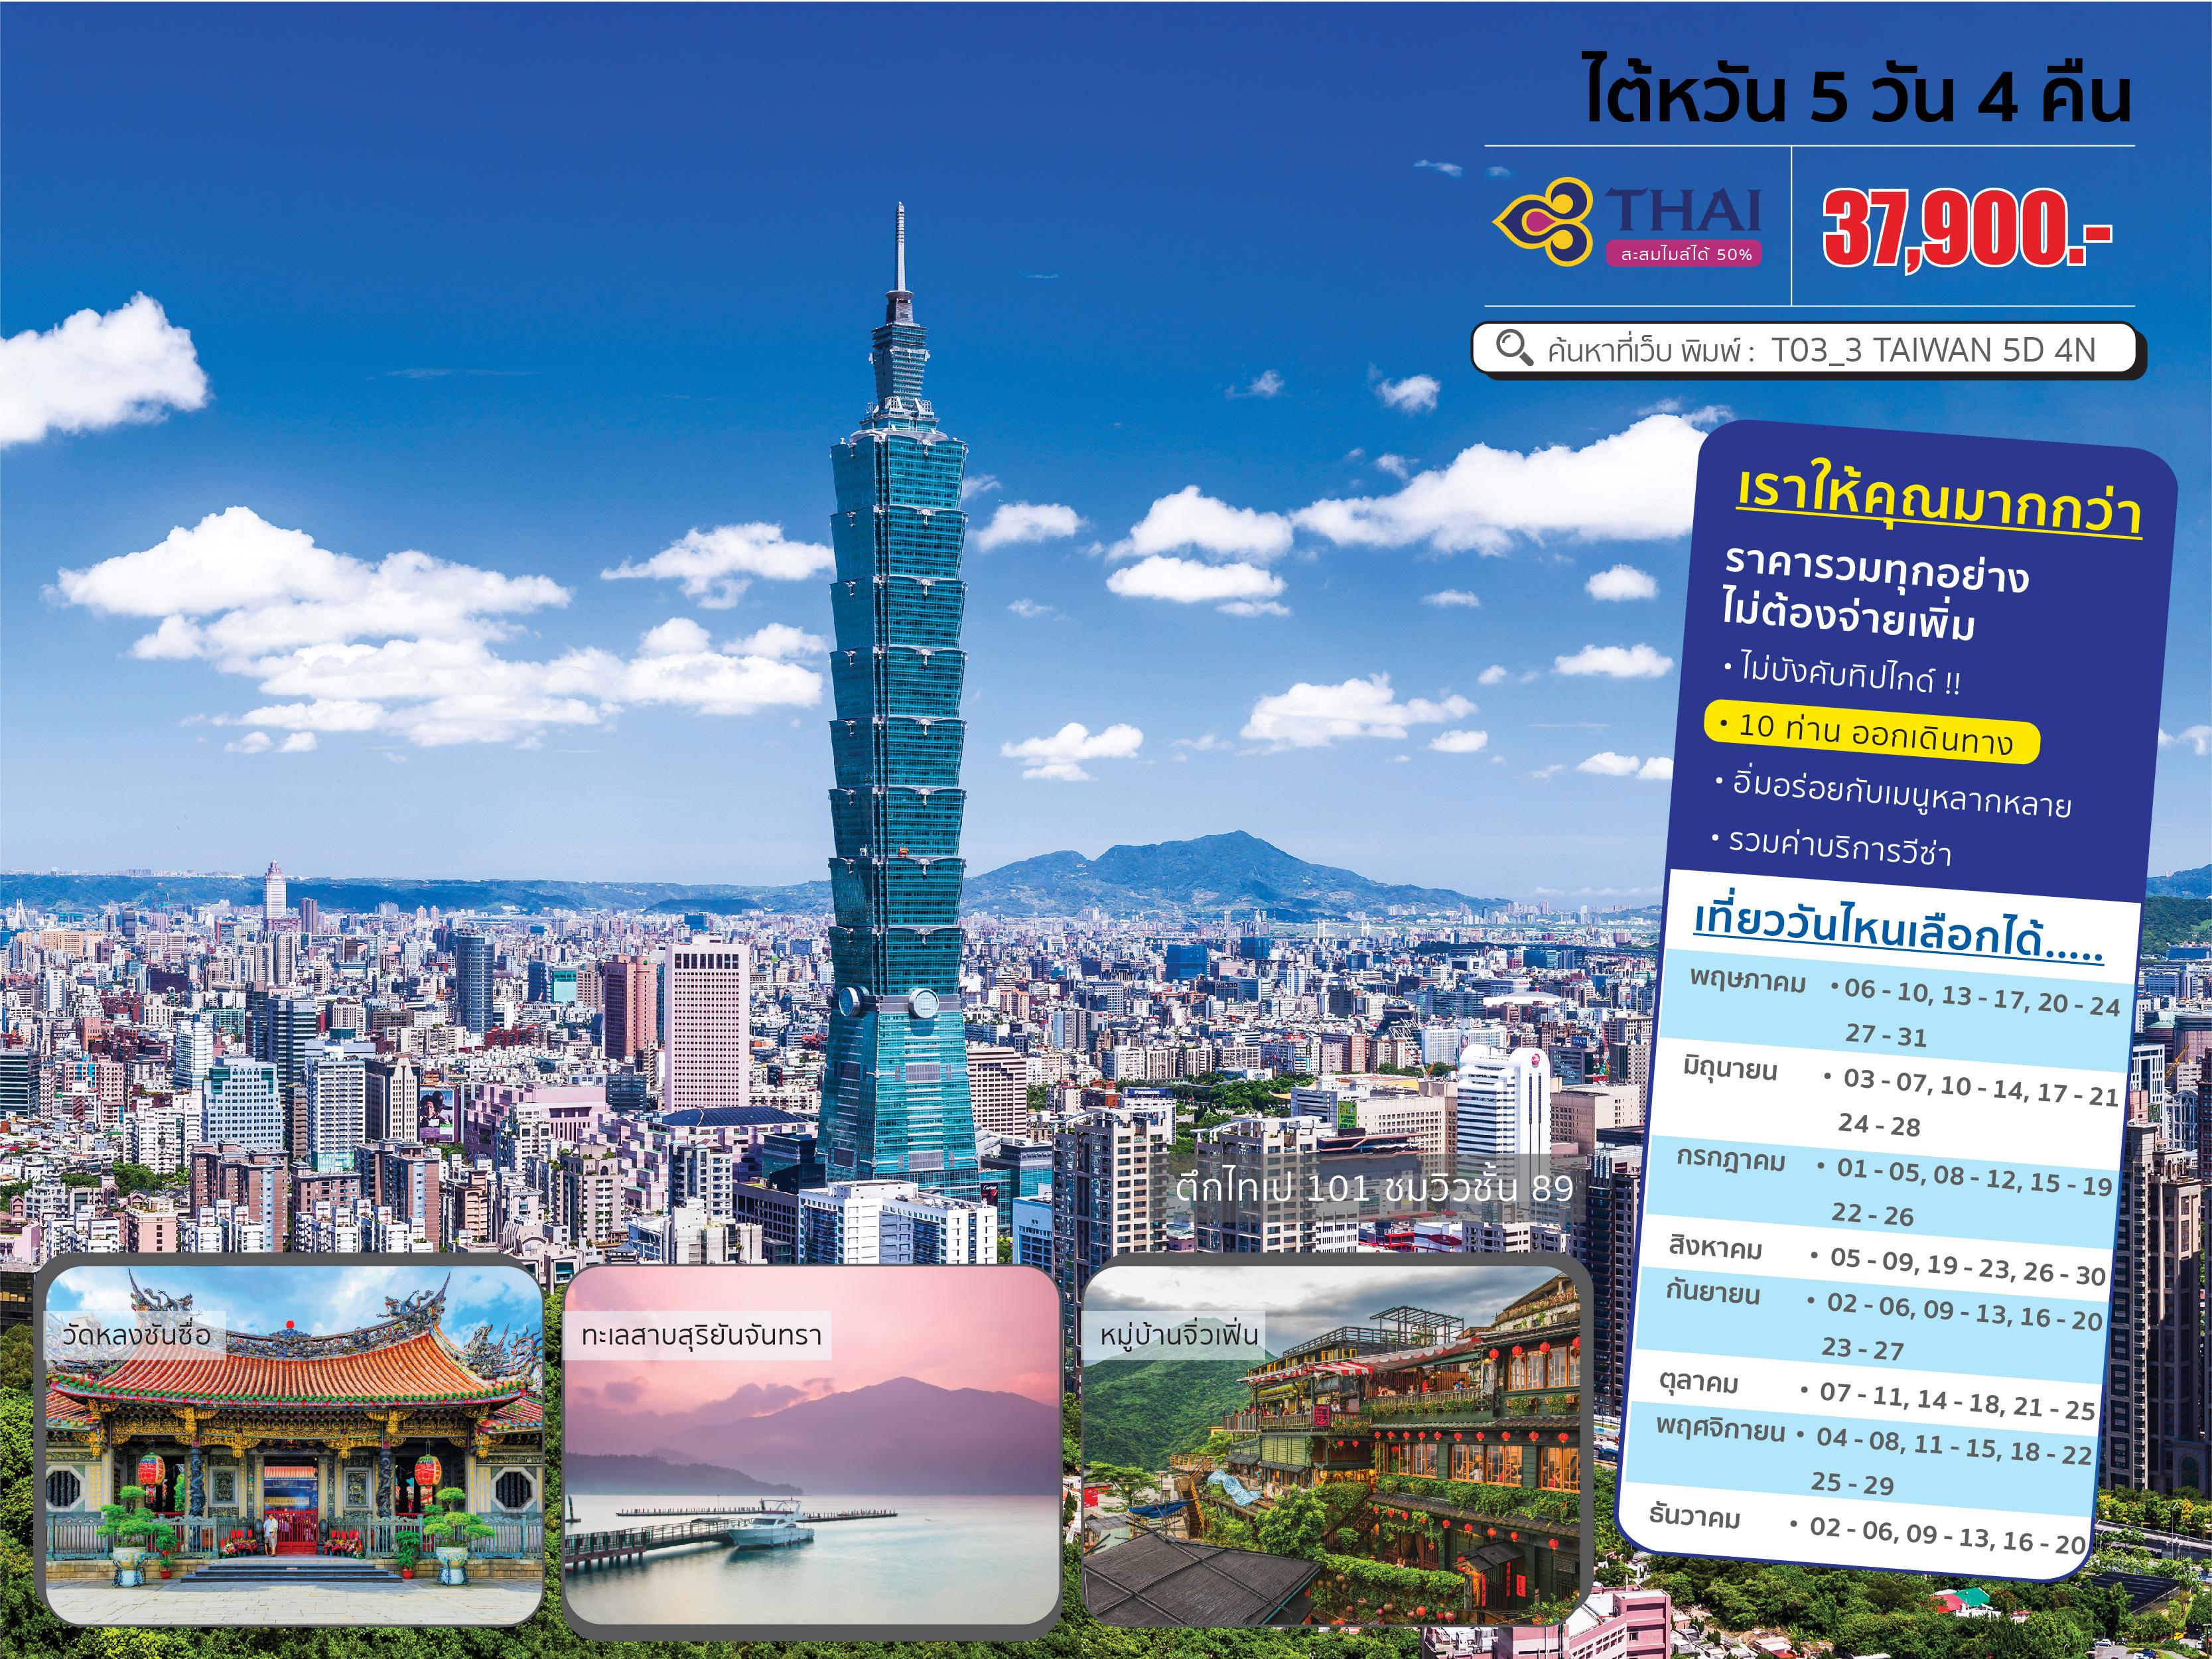 ทัวร์ไต้หวัน Taiwan (อุทยานเย๋หลิ่ว+ทาโรโกะ) 5 วัน 4 คืน (TG)